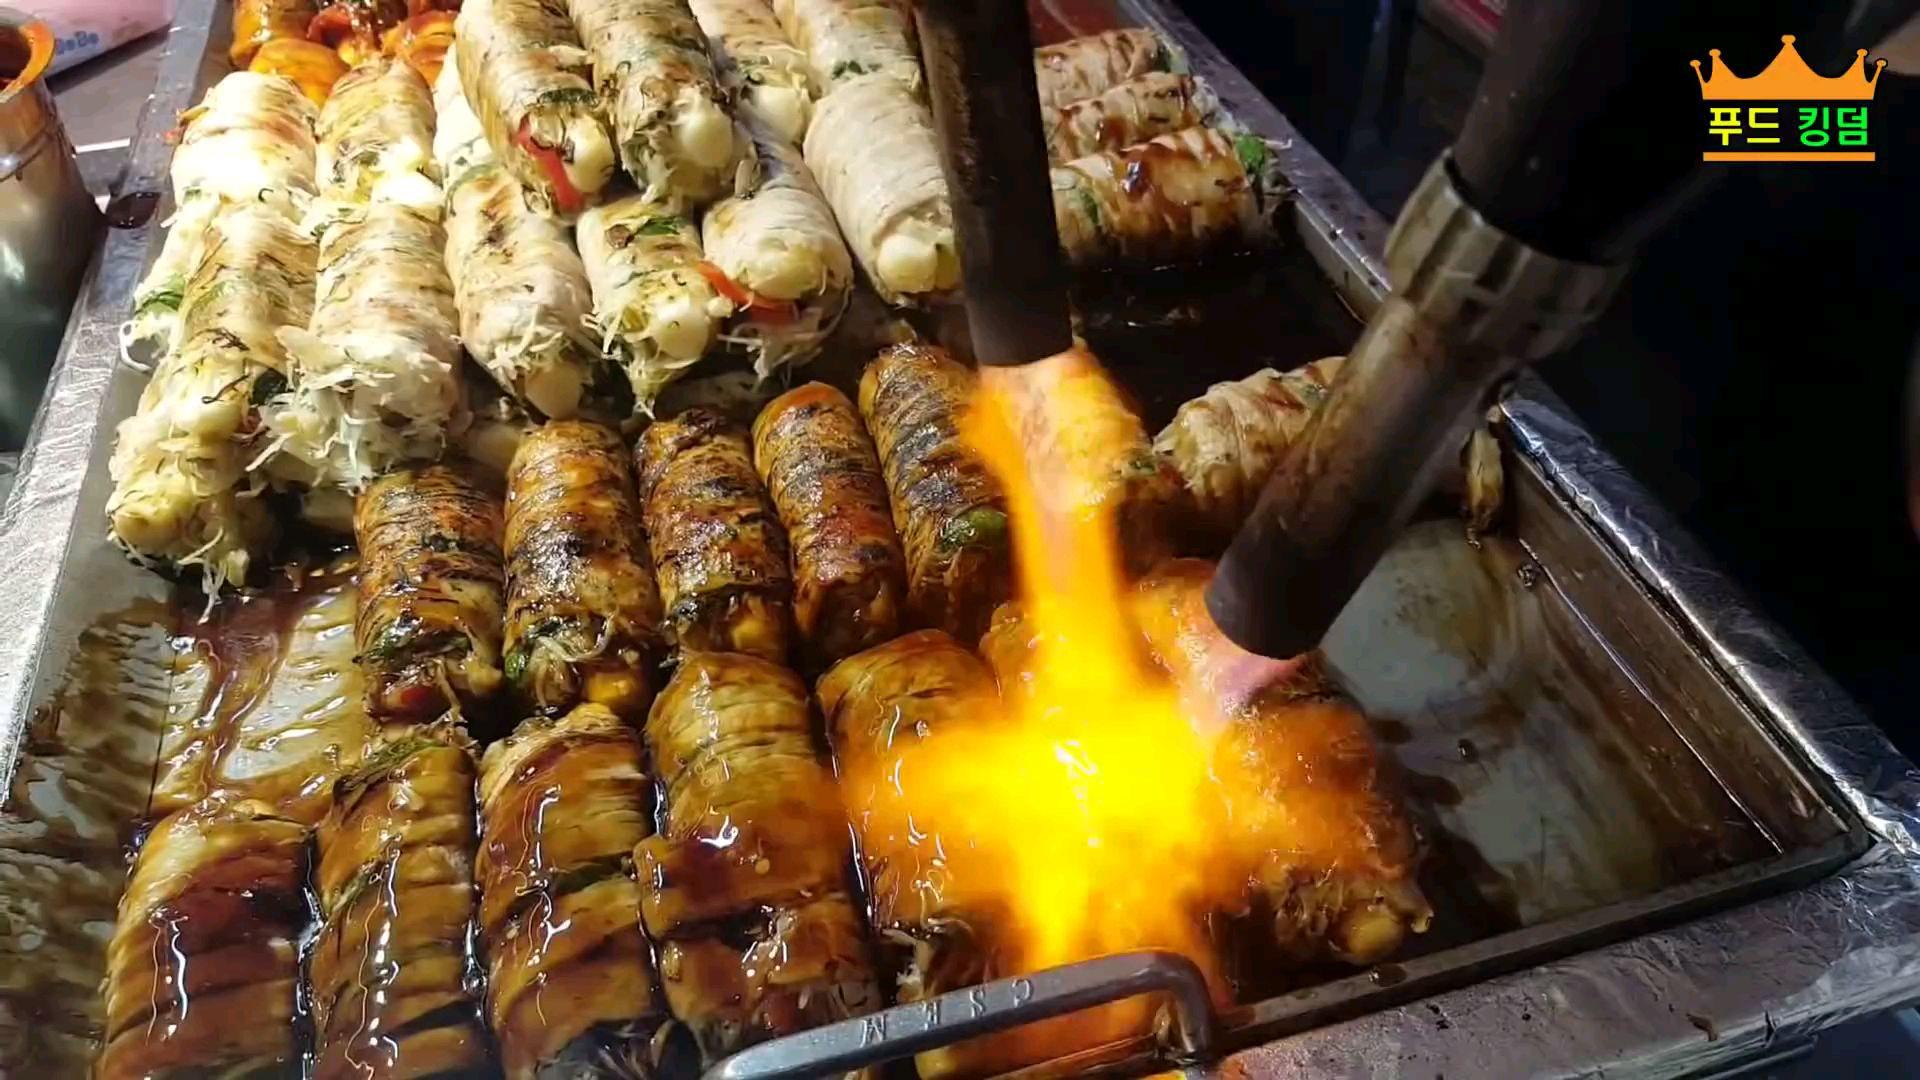 釜山代表性夜市   韩国街头小吃